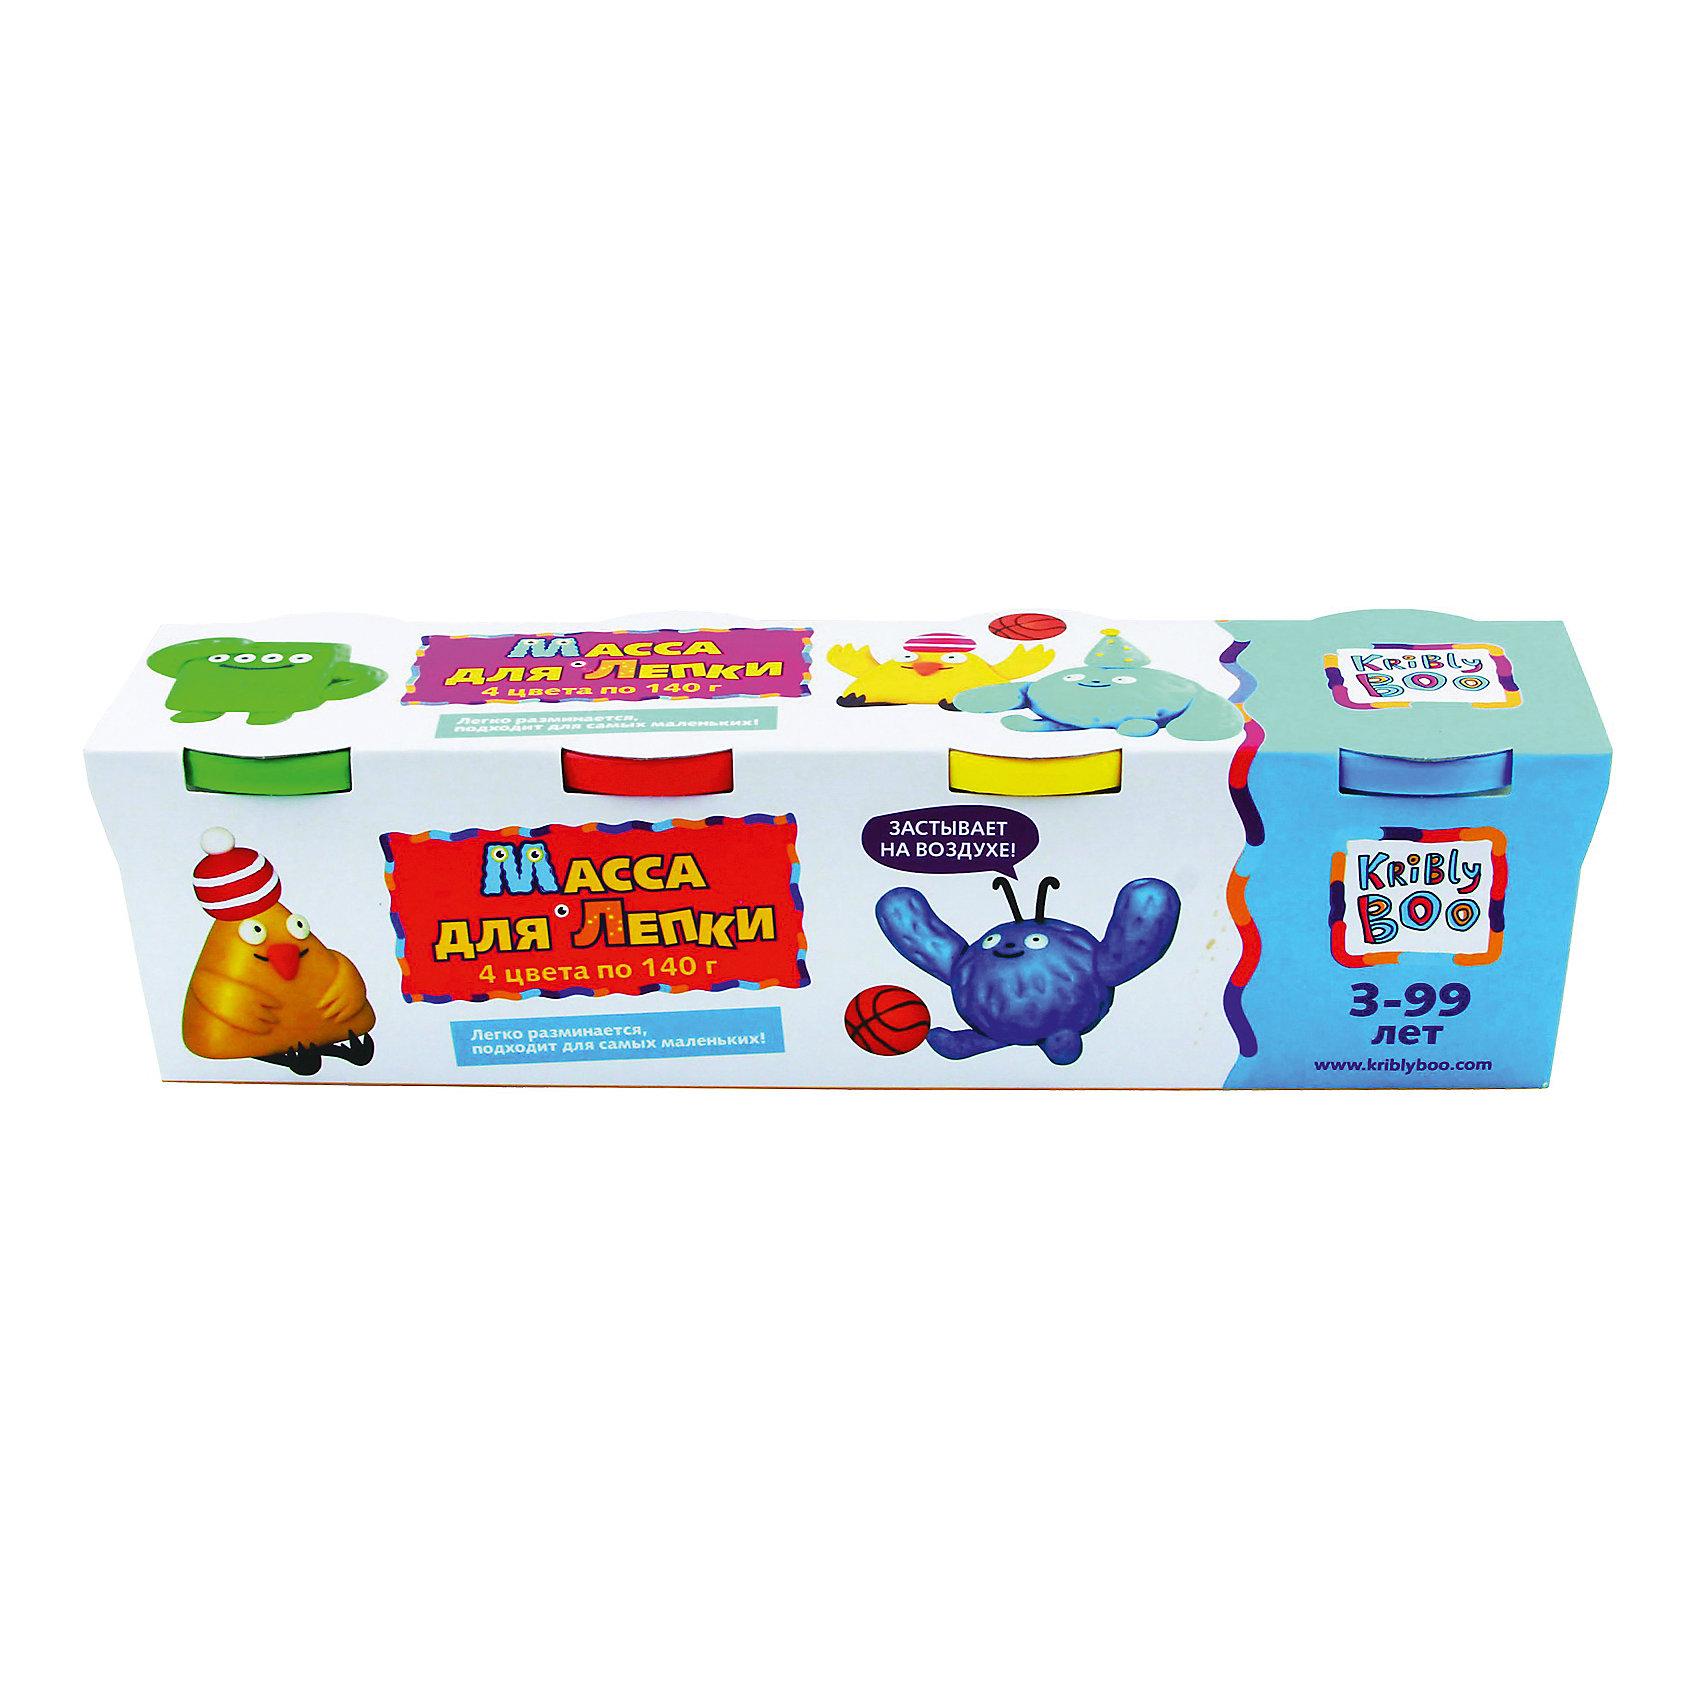 Масса для лепки, 4 шт. 140 гХарактеристики товара:<br><br>• цвет: разноцветный<br>• размер упаковки: 27 x 7 x 7 см<br>• вес: 700 г<br>• комплектация: 4 баночки<br>• вес одной баночки с массой: 140 г<br>• затвердевает на воздухе<br>• возраст: от трех лет<br>• упаковка: картонная коробка<br>• страна бренда: Финляндия<br>• страна изготовитель: Китай<br><br>Такой набор станет отличным подарком ребенку - ведь с помощью массы для лепки создавать фигуры легко и весело! В набор входят баночки с массой базовых цветов . Масса потом сама затвердевает на воздухе!<br>Детям очень нравится что-то делать своими руками! Кроме того, творчество помогает детям развивать важные навыки и способности, оно активизирует мышление, формирует усидчивость, творческие способности, мелкую моторику и воображение. Изделие производится из качественных и проверенных материалов, которые безопасны для детей.<br><br>Набор Масса для лепки, 4 шт. 140 г от бренда KriBly Boo можно купить в нашем интернет-магазине.<br><br>Ширина мм: 270<br>Глубина мм: 65<br>Высота мм: 68<br>Вес г: 677<br>Возраст от месяцев: 36<br>Возраст до месяцев: 84<br>Пол: Унисекс<br>Возраст: Детский<br>SKU: 5167826